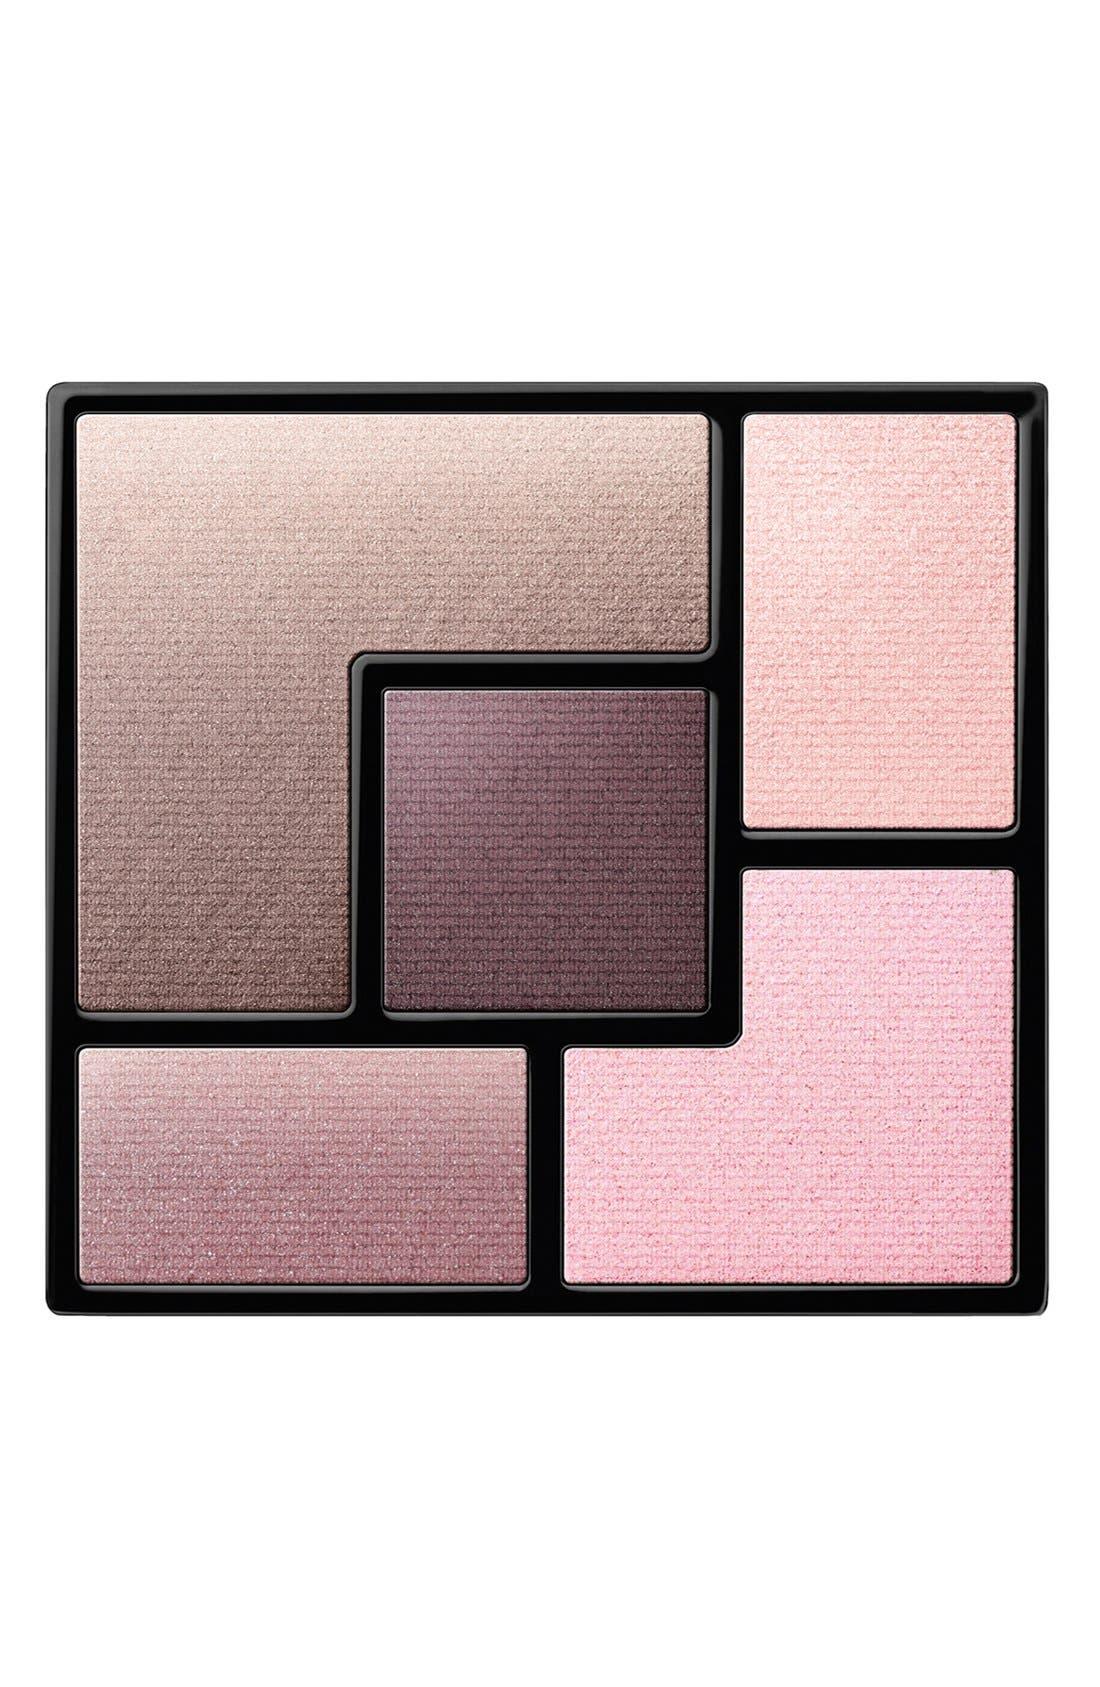 Yves Saint Laurent 5 Color Couture Palette -